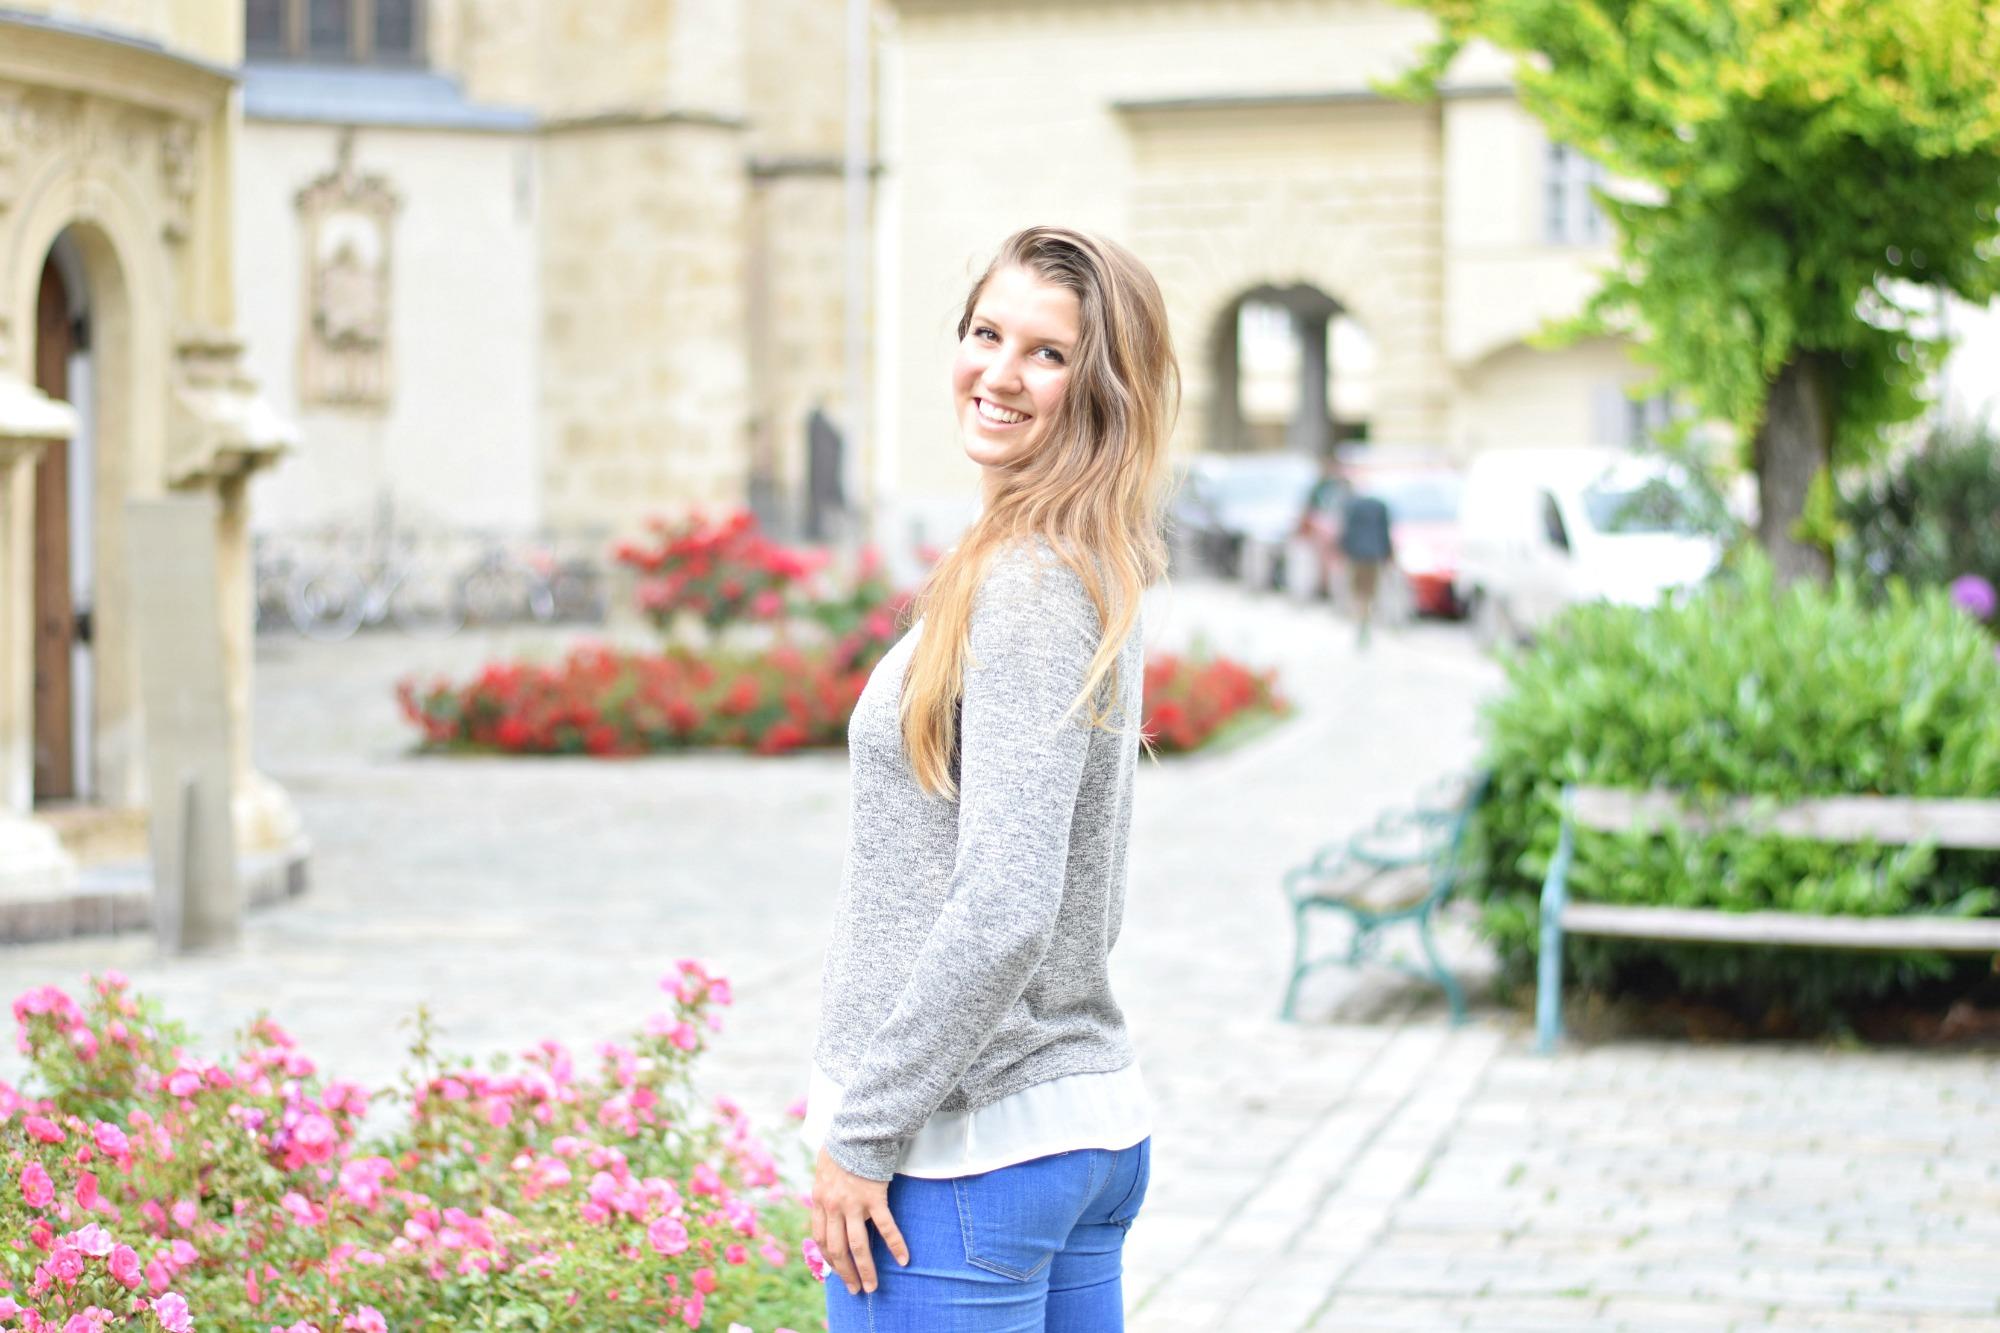 Klara-Fuchs-Fitnessblog-Österreich-Life-Coach-Inspiration-Blogging-Blogger-gesundheit-sport-5